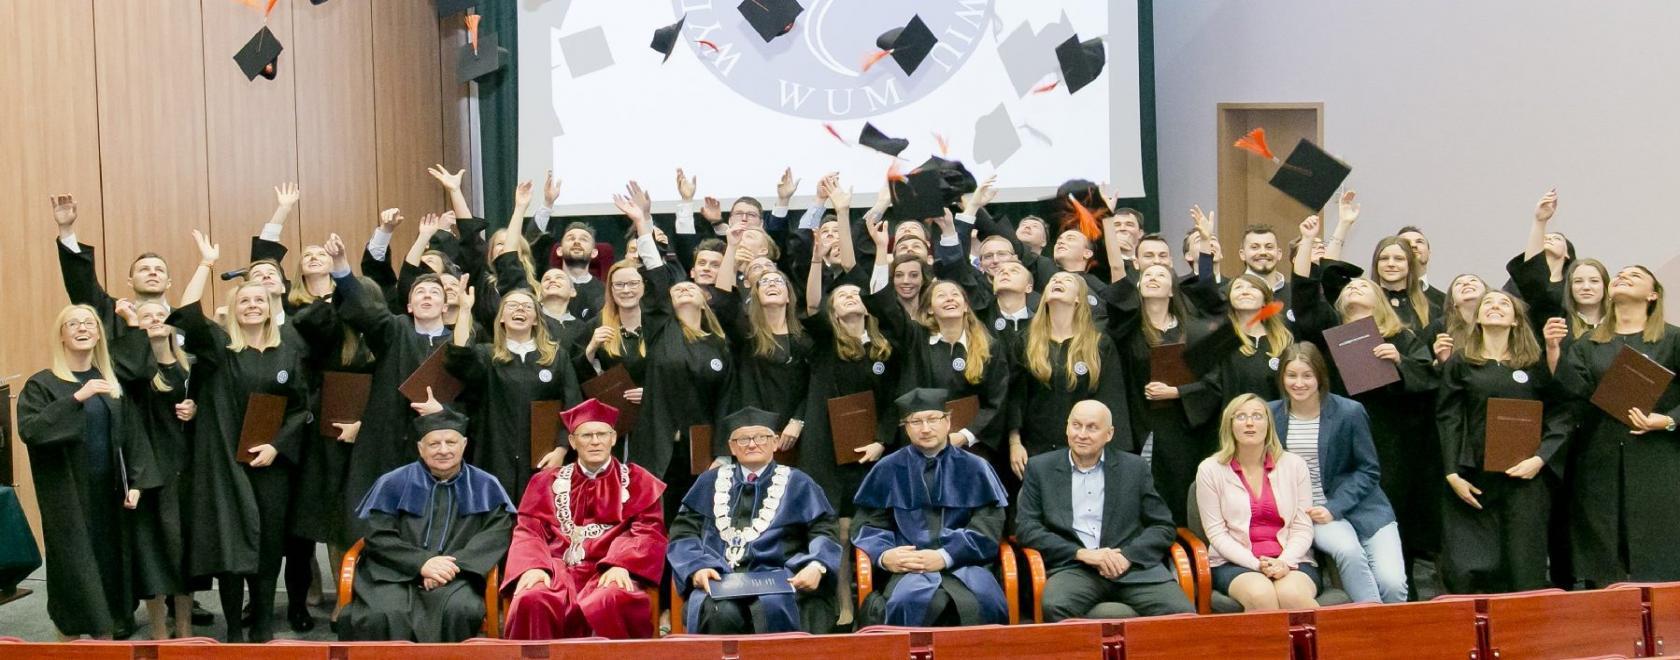 """""""Czapki z głów"""" - Uroczystość wręczenia dyplomów - 19.10.2017 r."""